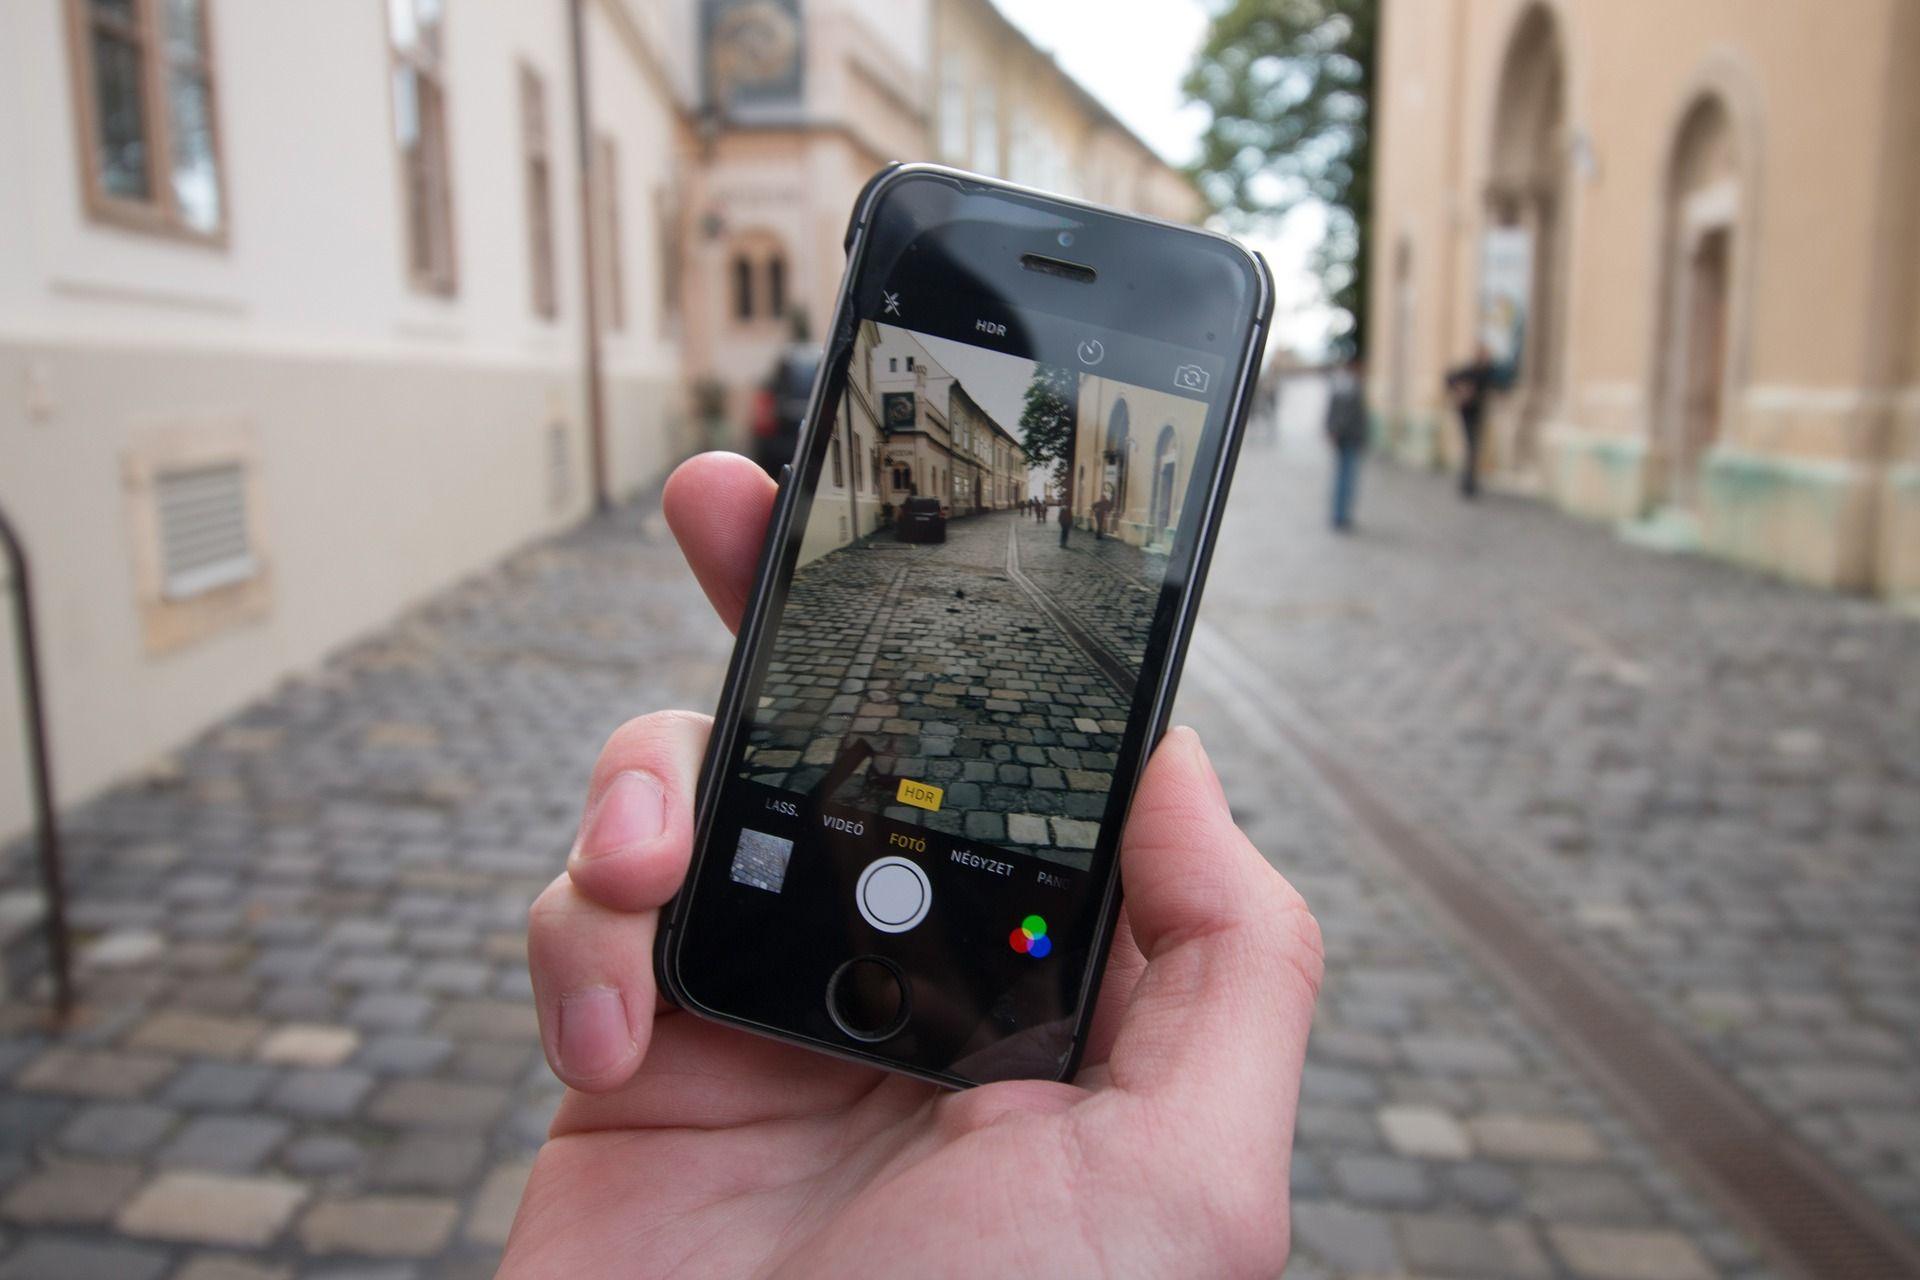 El alguacil digital de los pueblos de Toledo tiene nombre: 'Bandomovil'